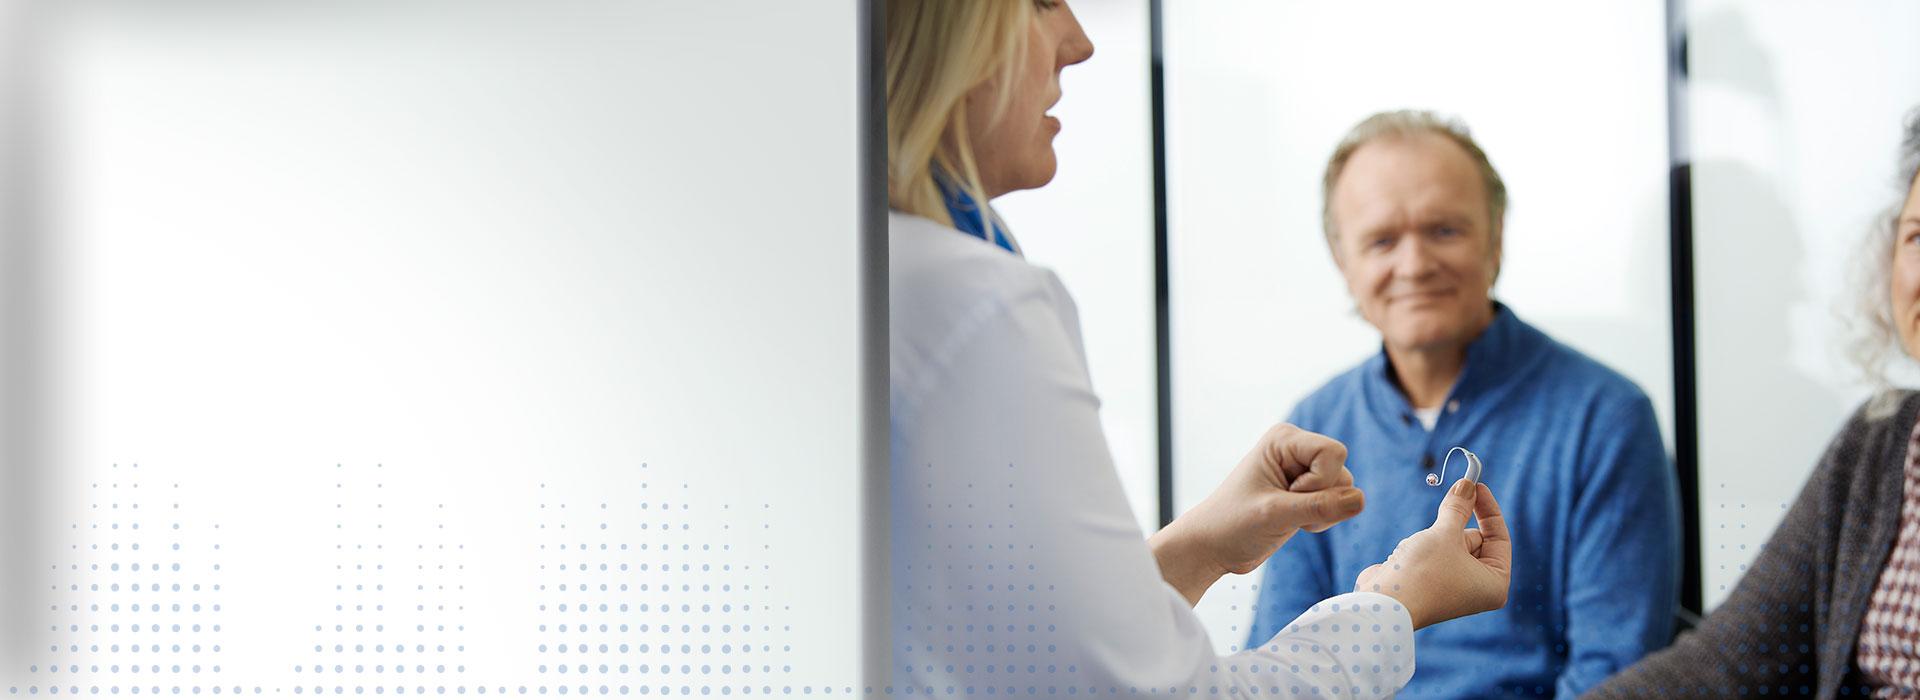 Periodieke controle gehoorapparaat